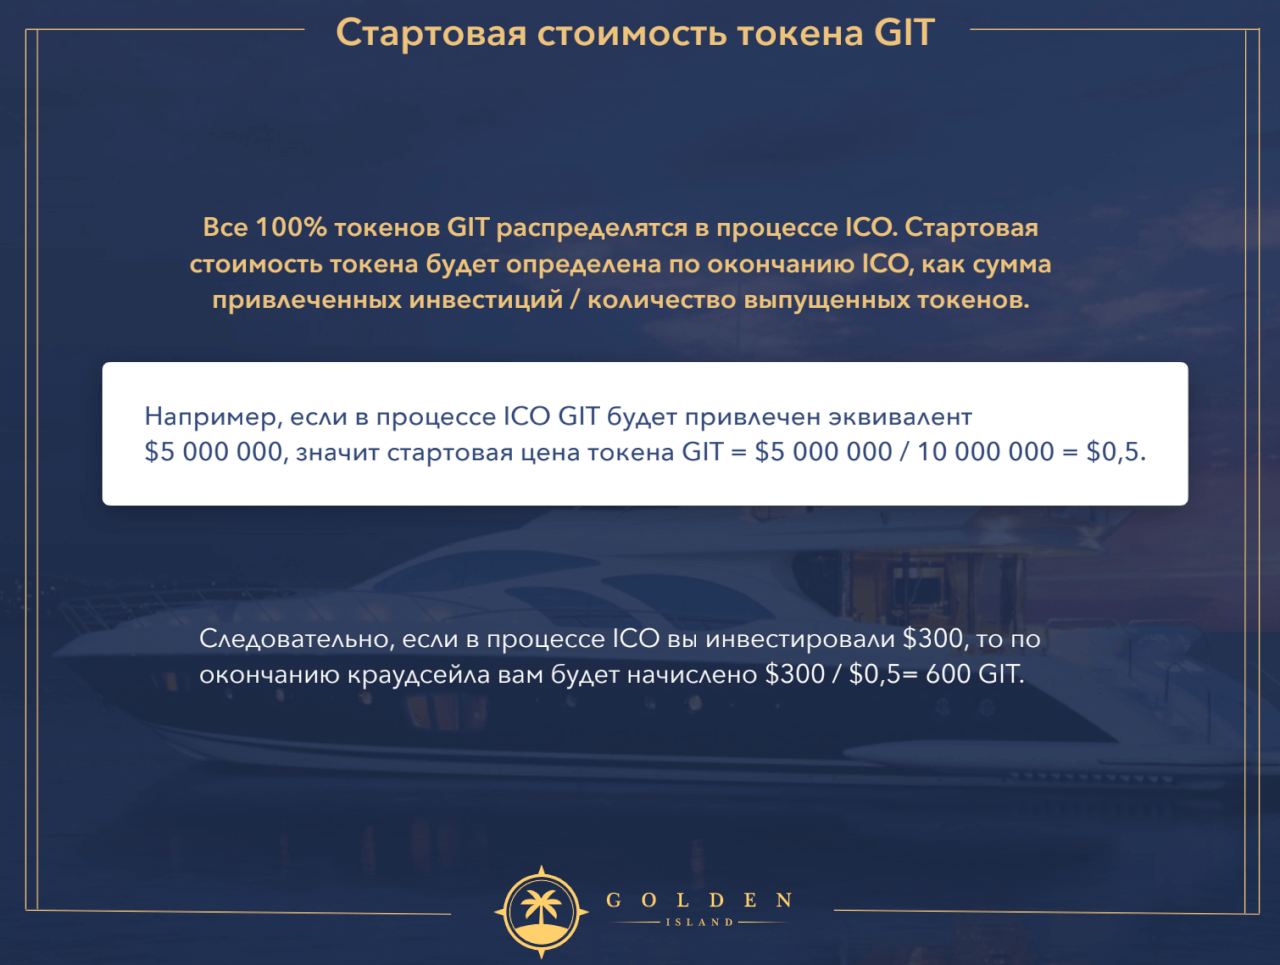 Стартовая стоимость токена GIT